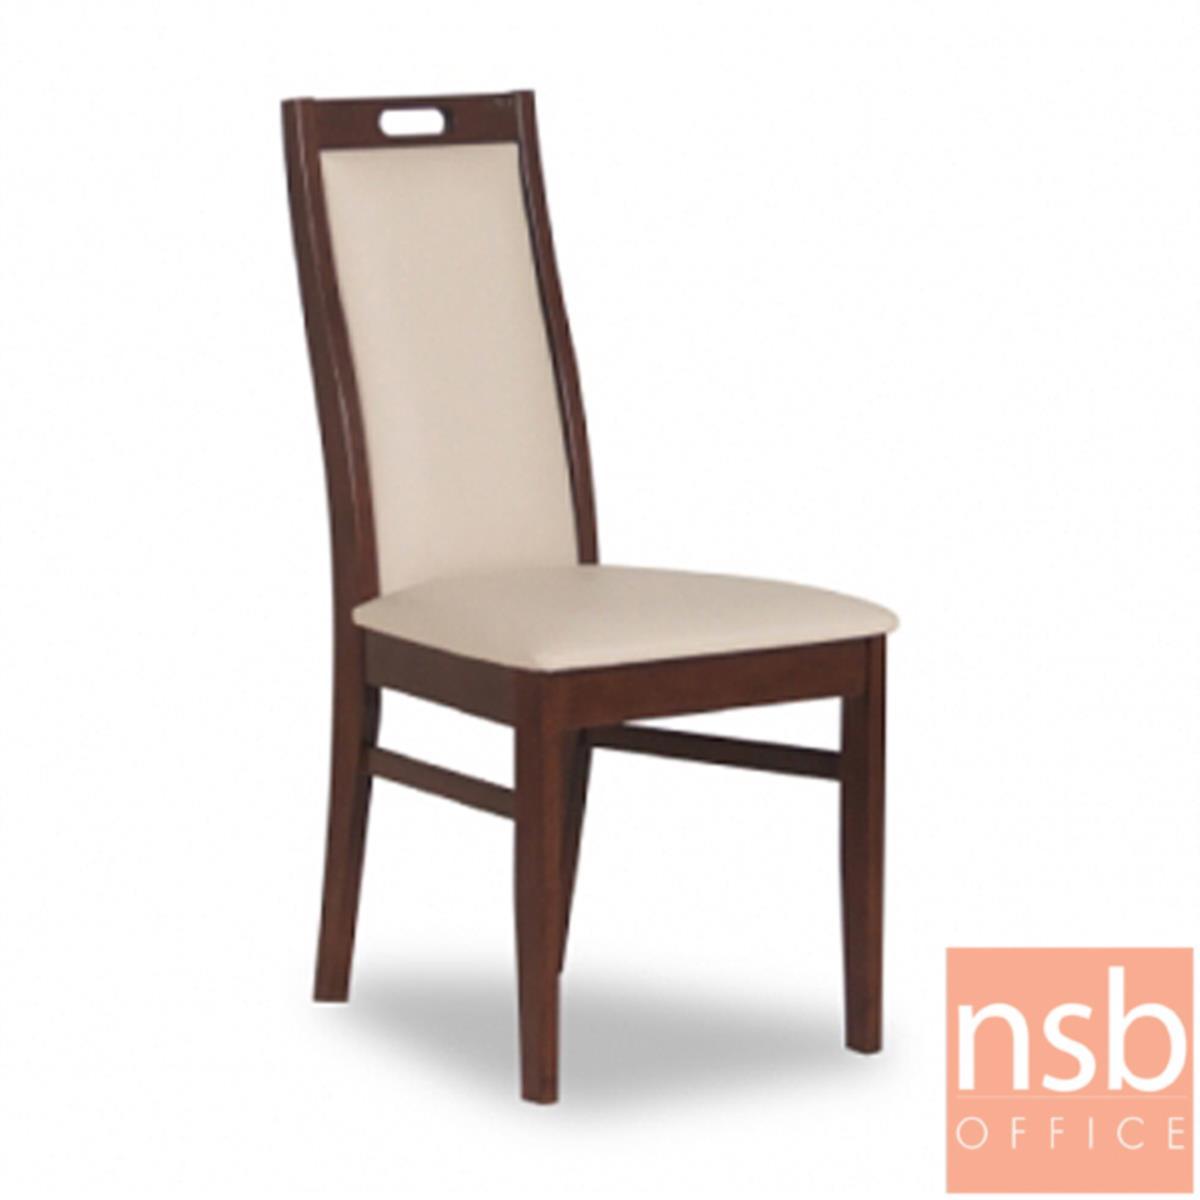 B22A140:เก้าอี้ไม้ที่นั่งหุ้มหนังเทียม รุ่น GD- SB ขาไม้